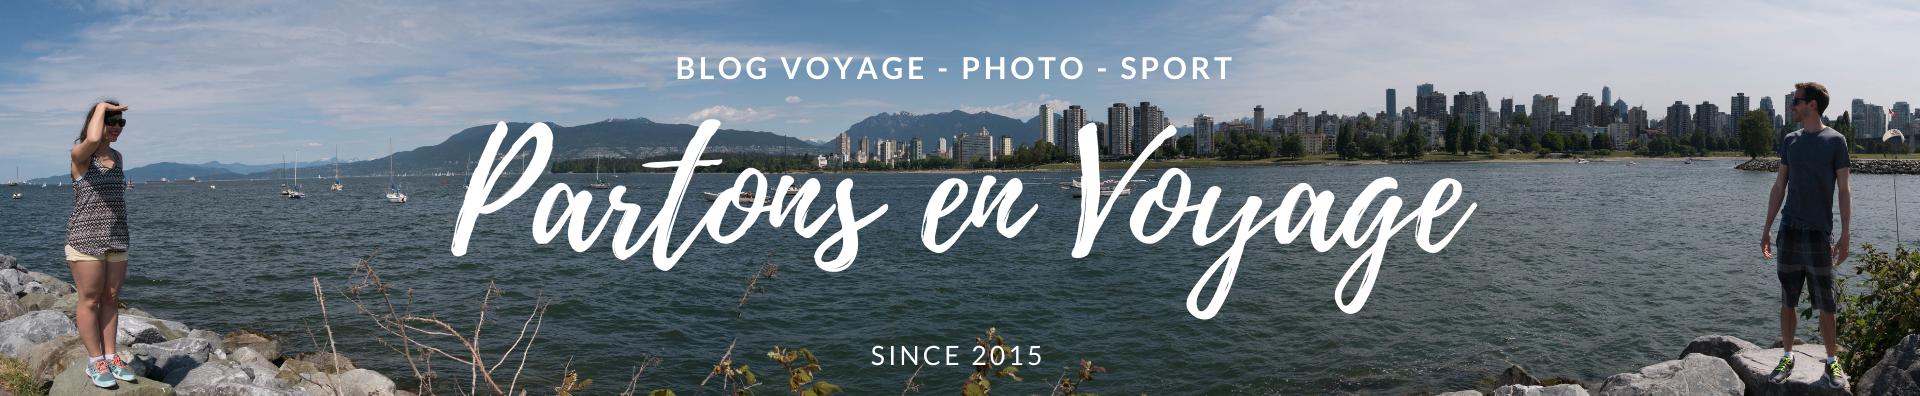 Partons en Voyage